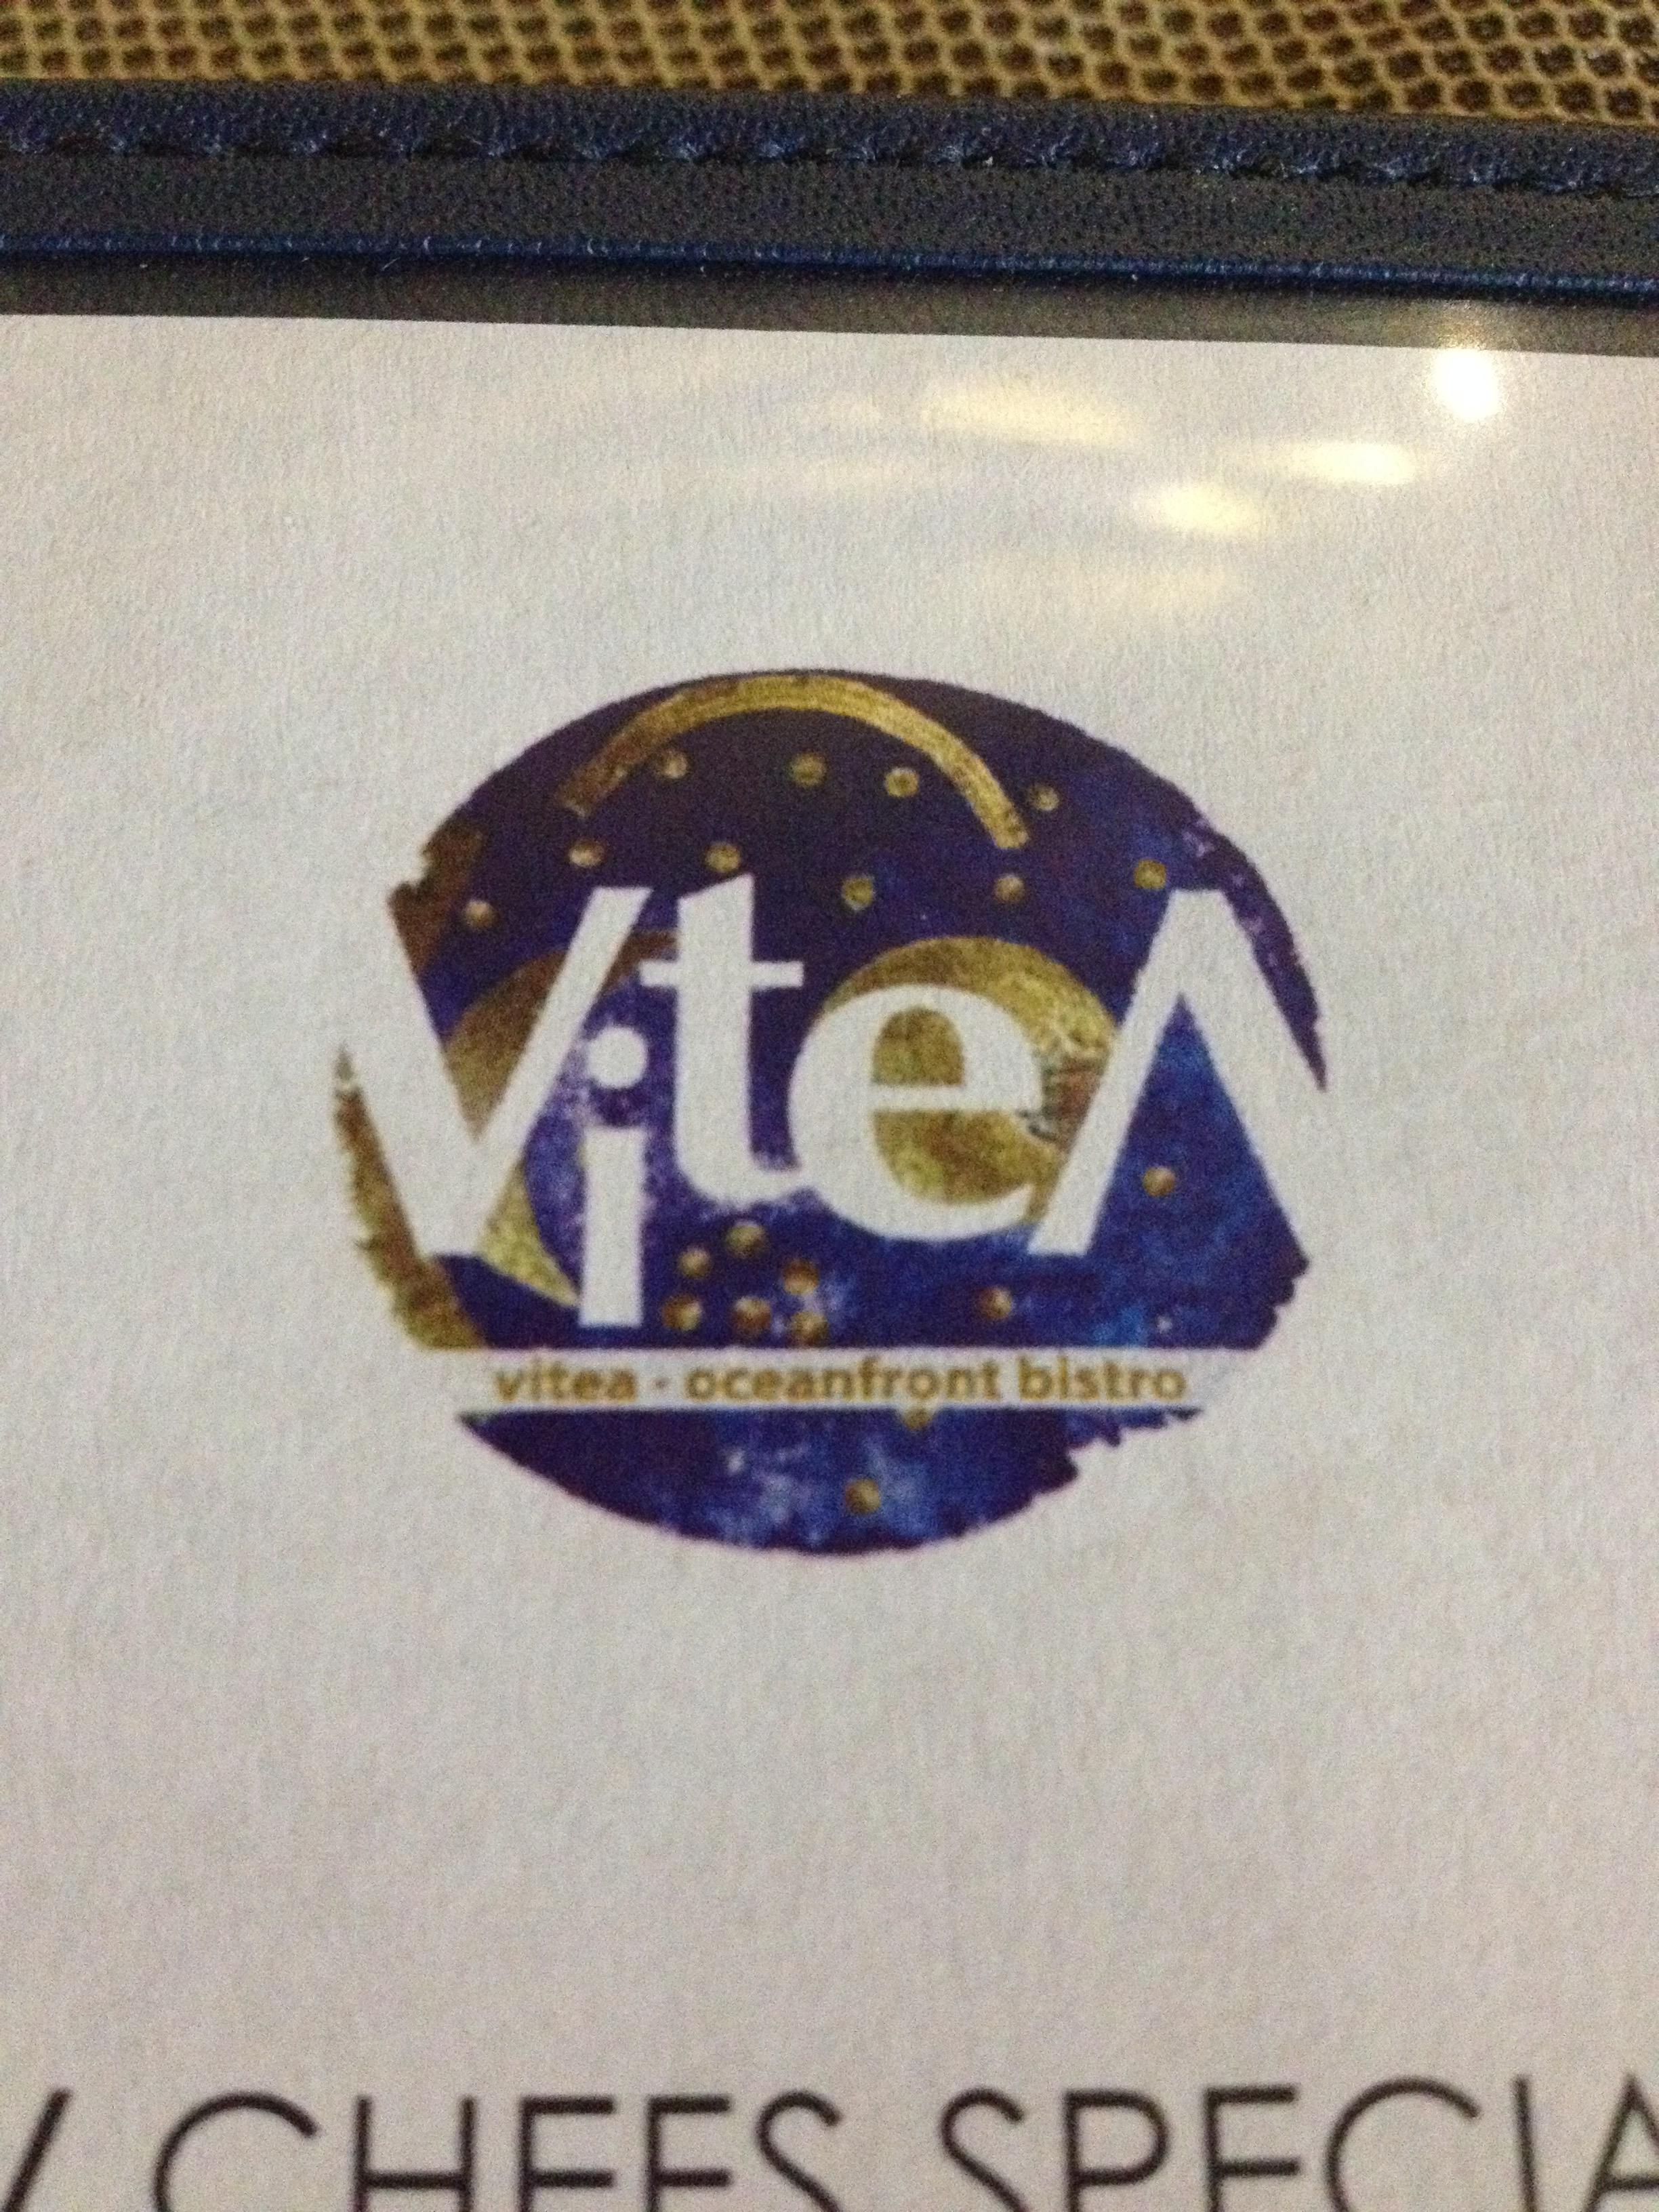 Inspiring Kitchen Vitea